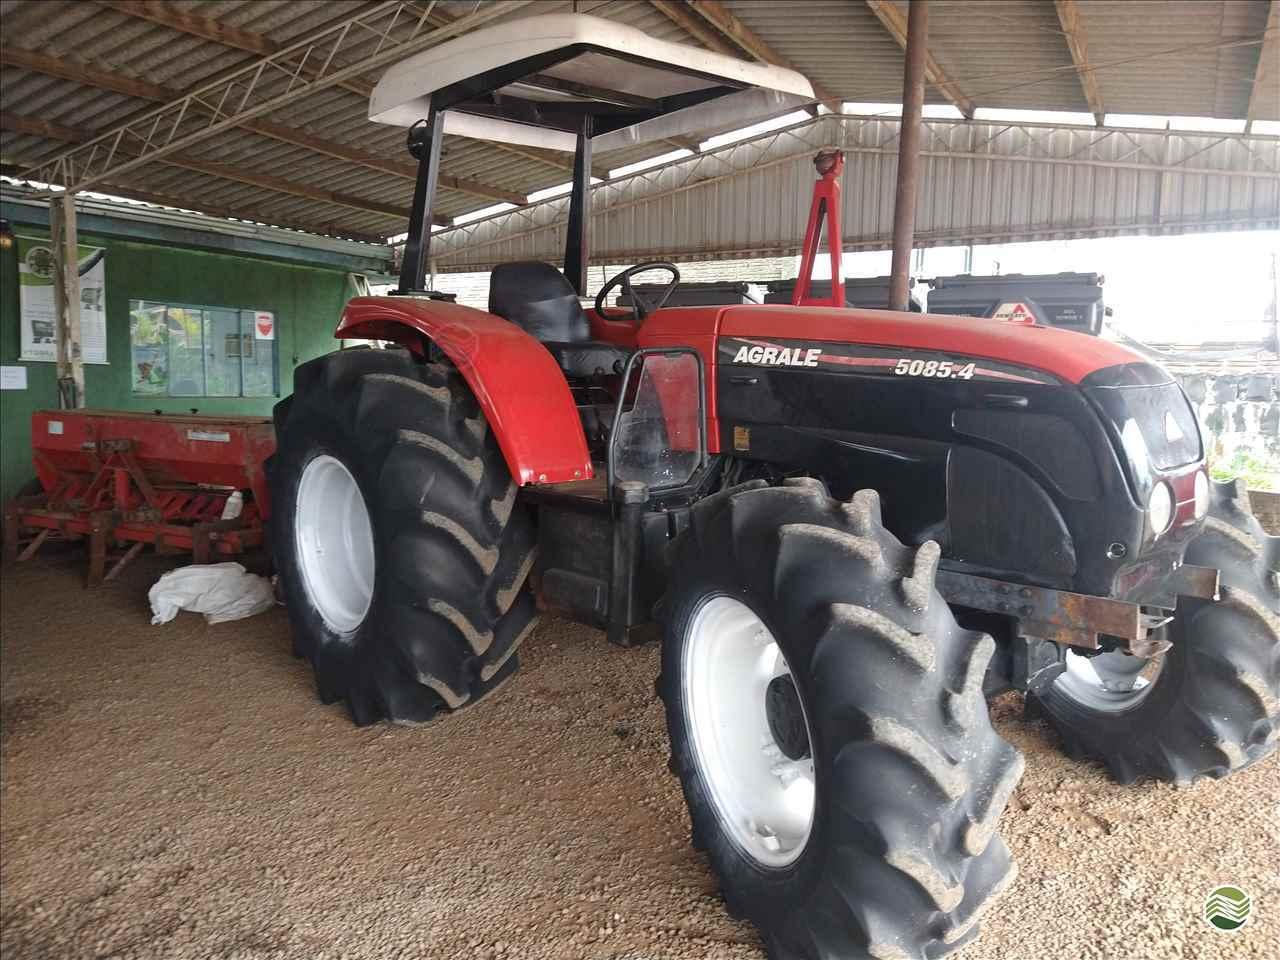 TRATOR AGRALE AGRALE 5085 Tração 4x4 P. M. Muller Maquinas e Implementos Agrícolas SALTO DO LONTRA PARANÁ PR